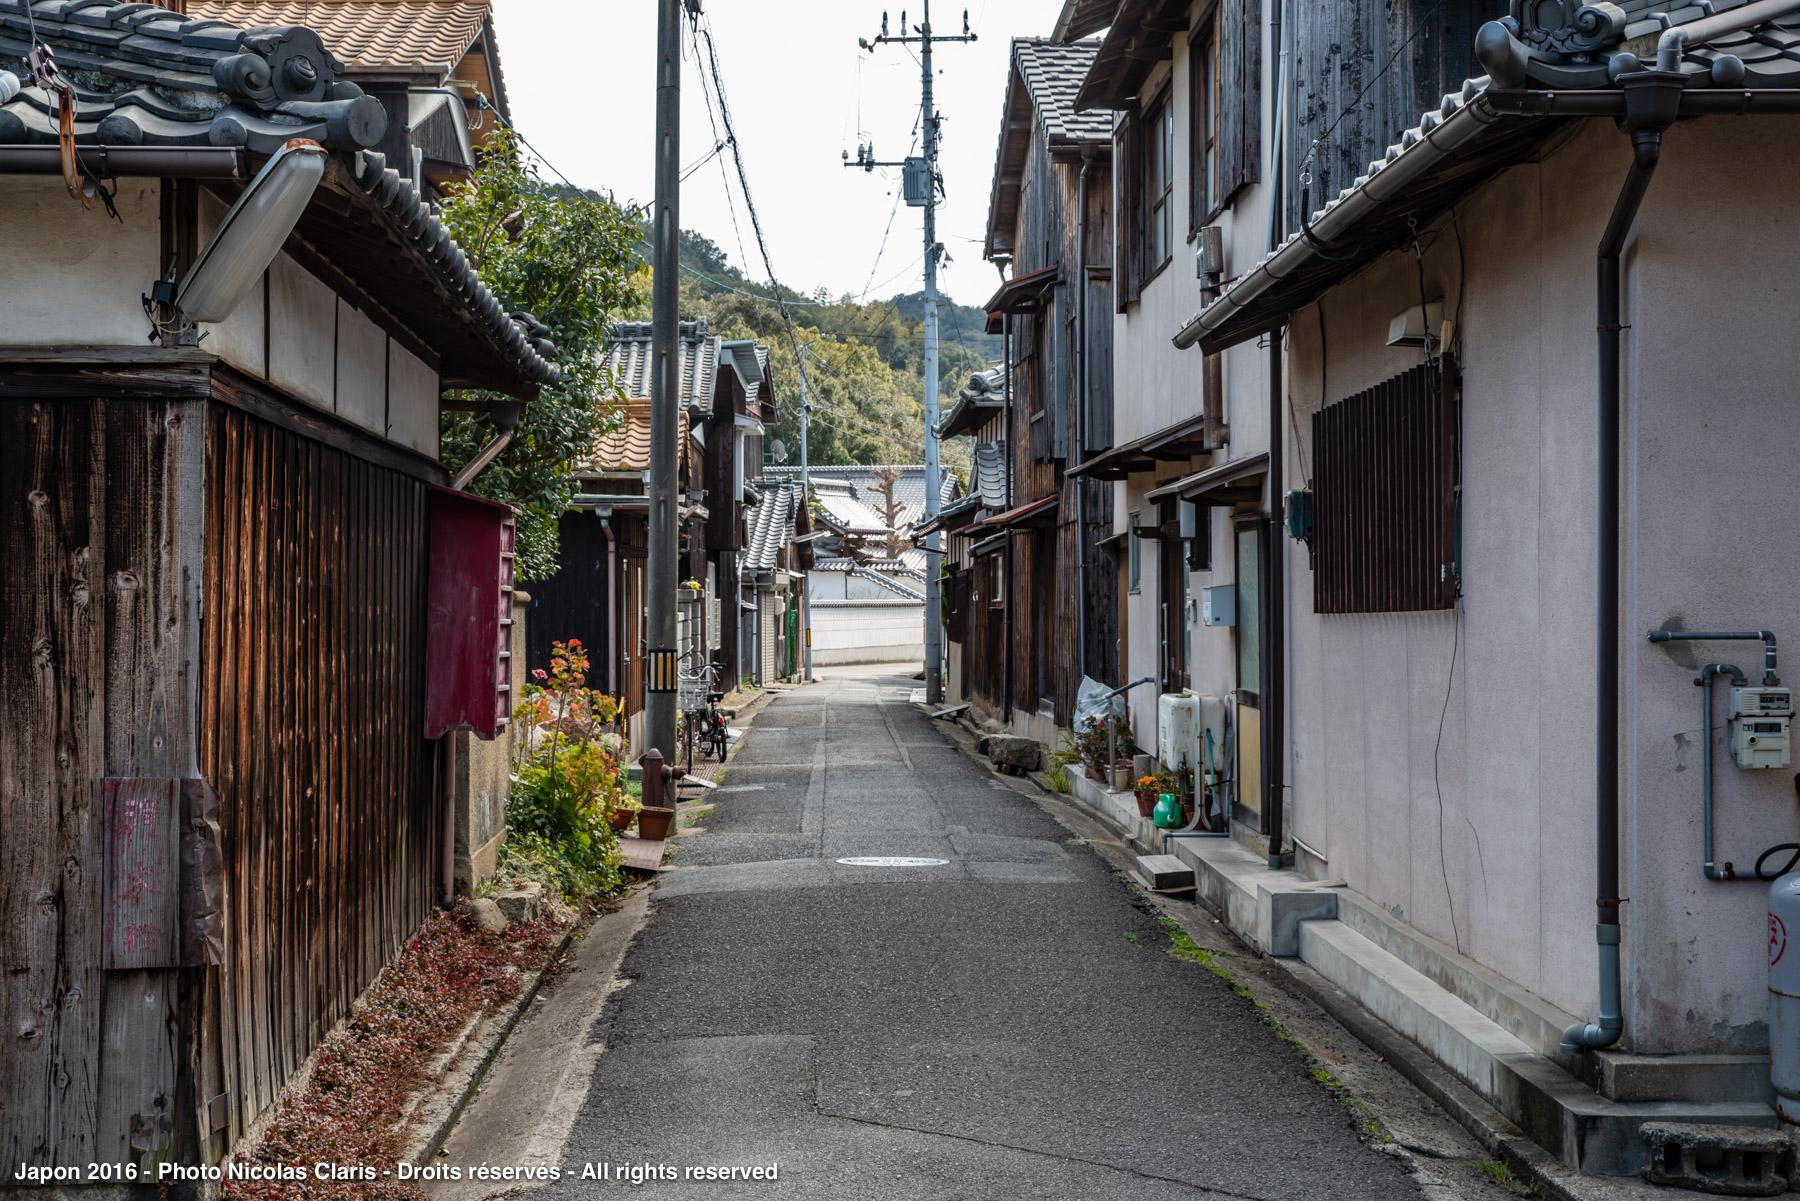 Naoshima_NCK7021